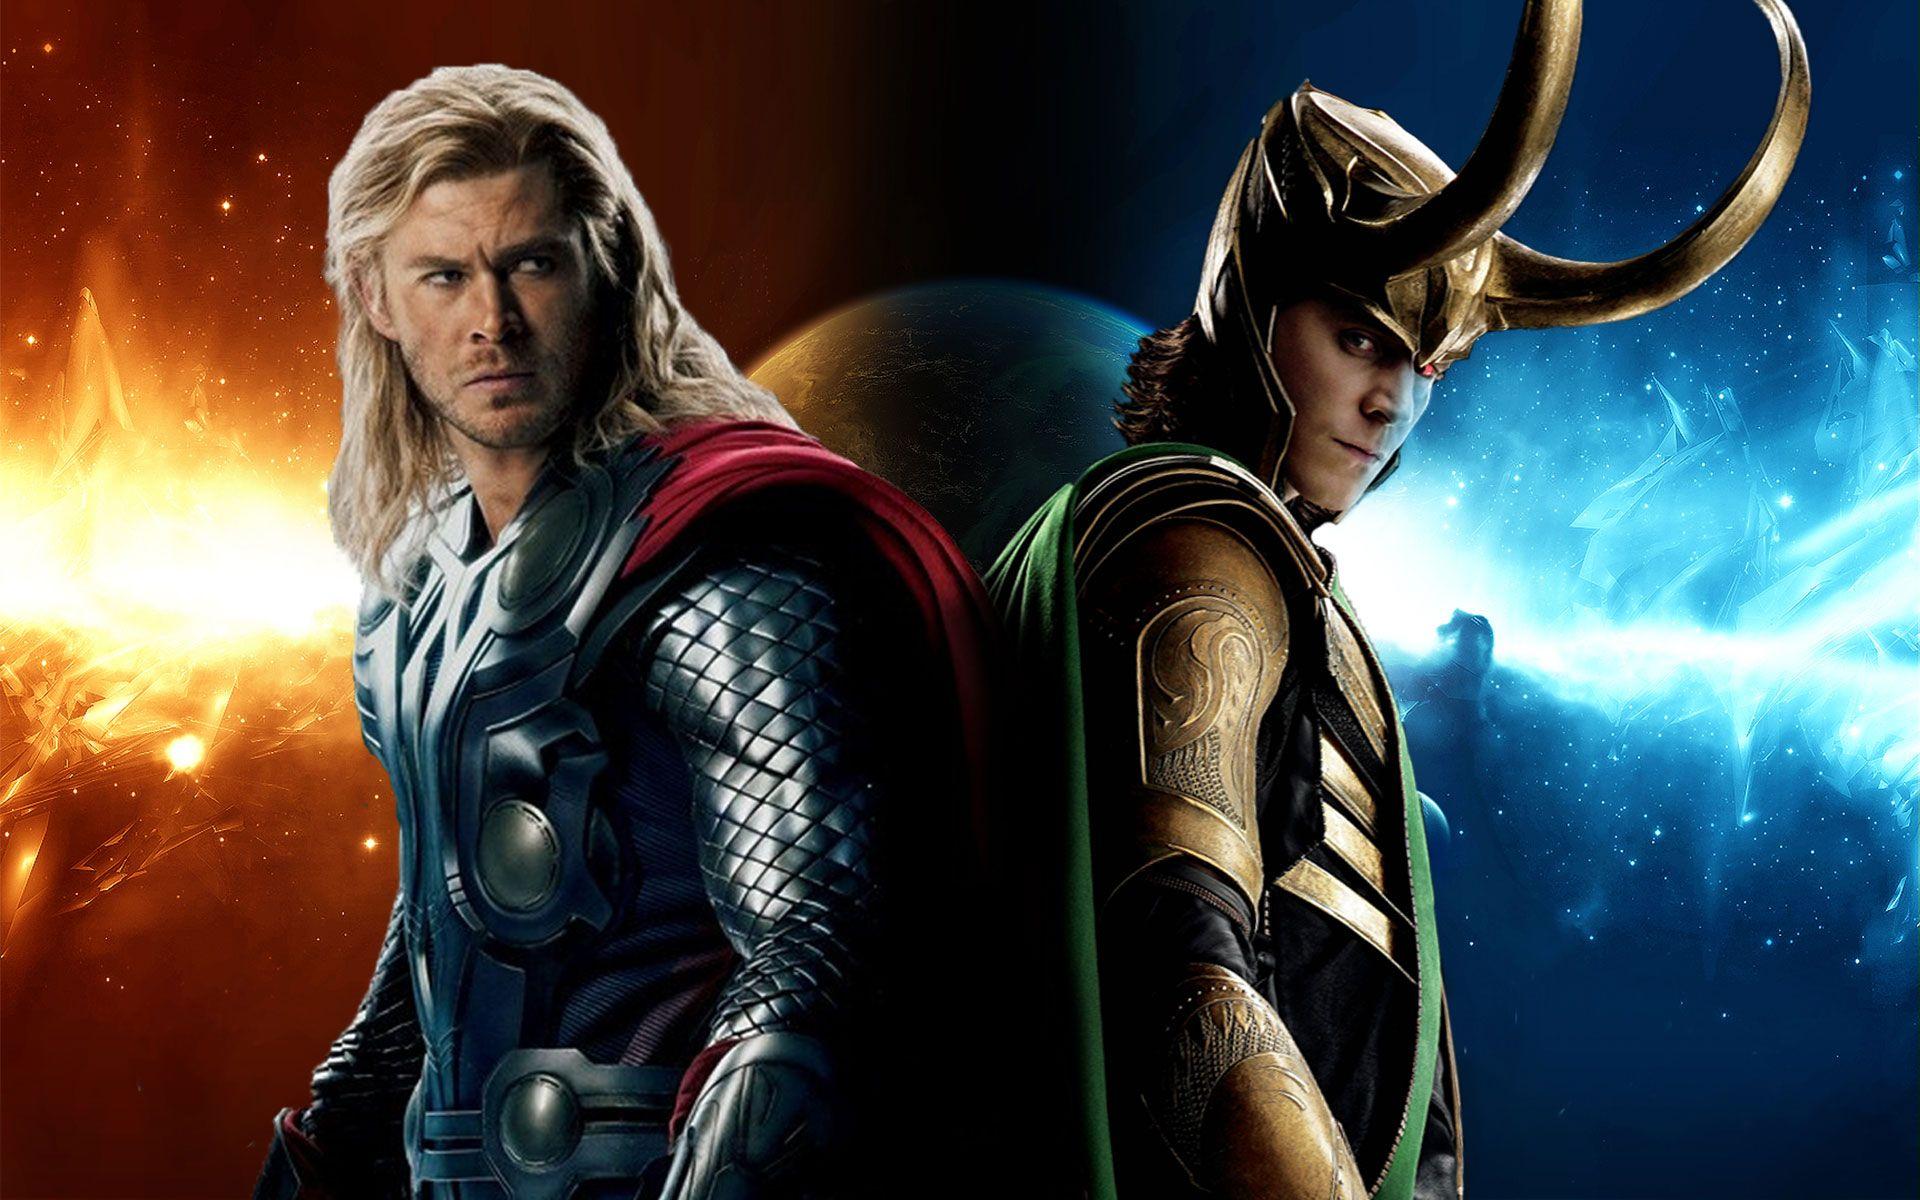 Kết quả hình ảnh cho loki vs thor movie